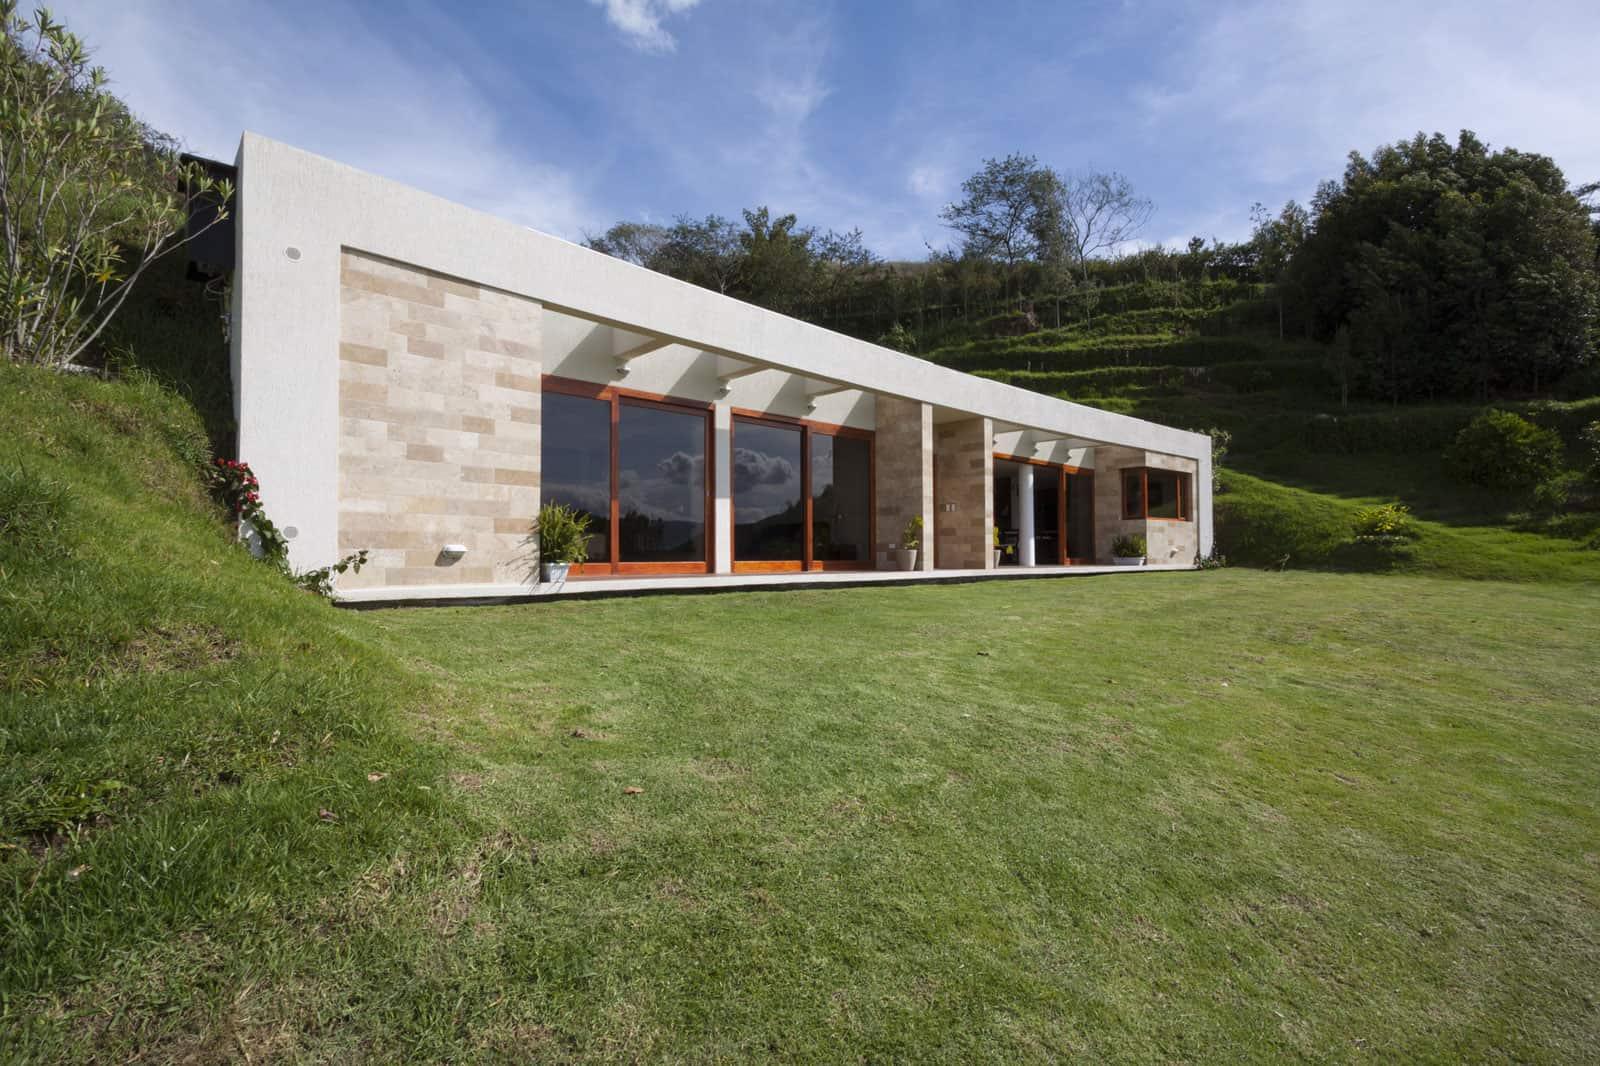 Casa Mirador by AR+C